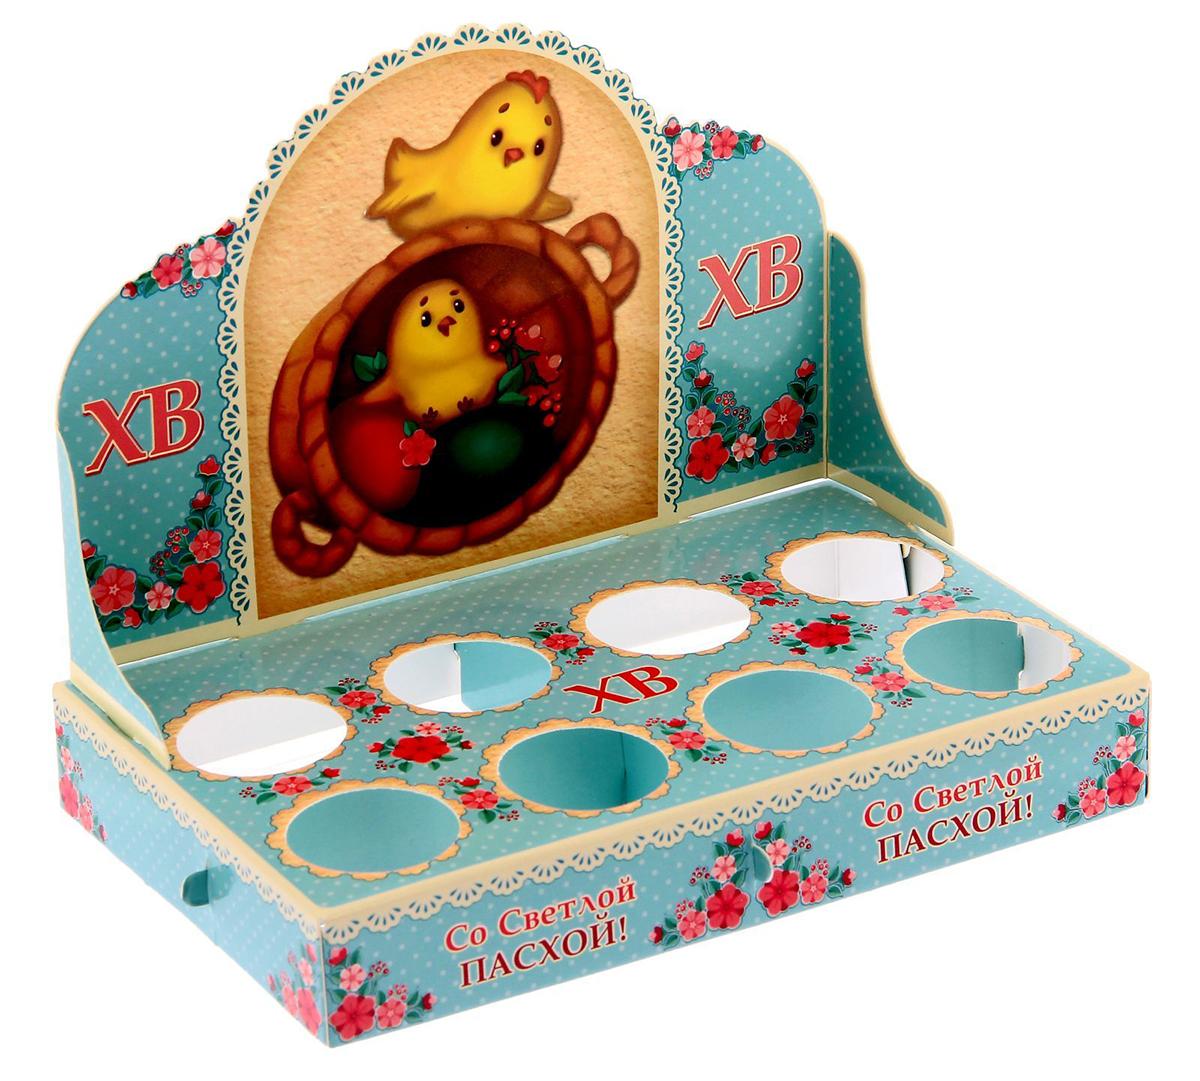 """Яркая картонная подставка на 8 яиц """"Sima-land"""" станет интересным дополнением к писанкам. Конструкция легко собирается и не даёт  содержимому раскатиться по столу. Размер:  13,7 х 8,1 см."""